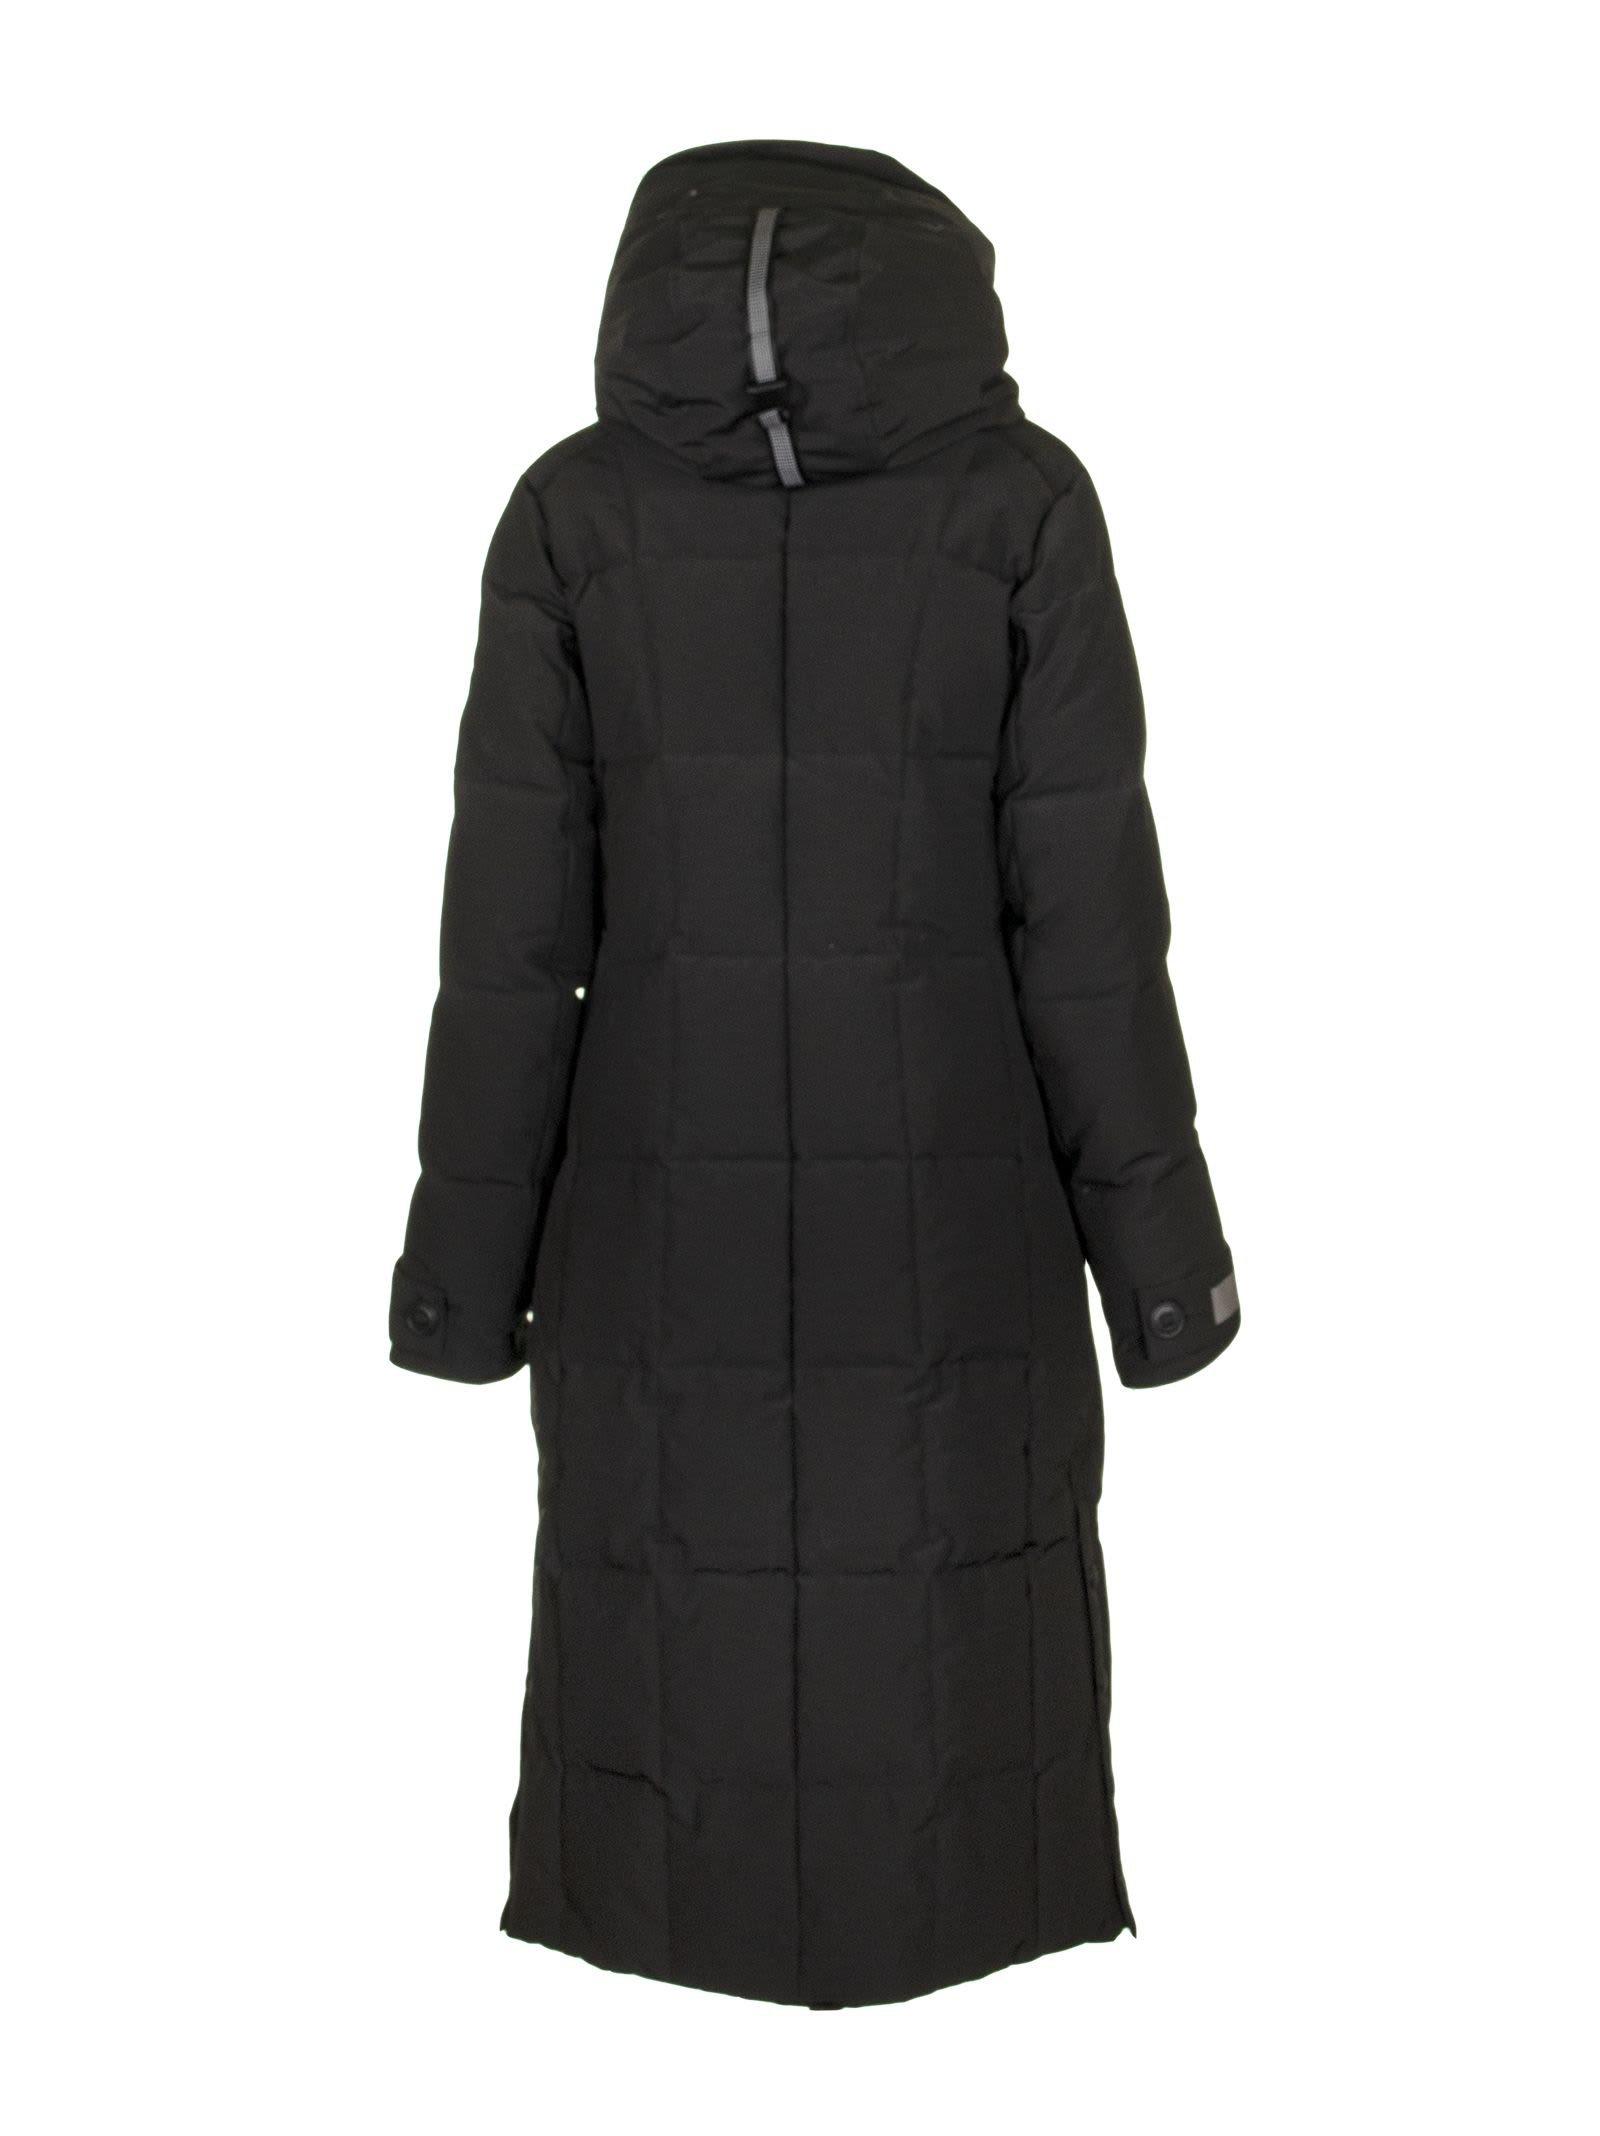 Canada Goose Elmwood Parka Black Jacket